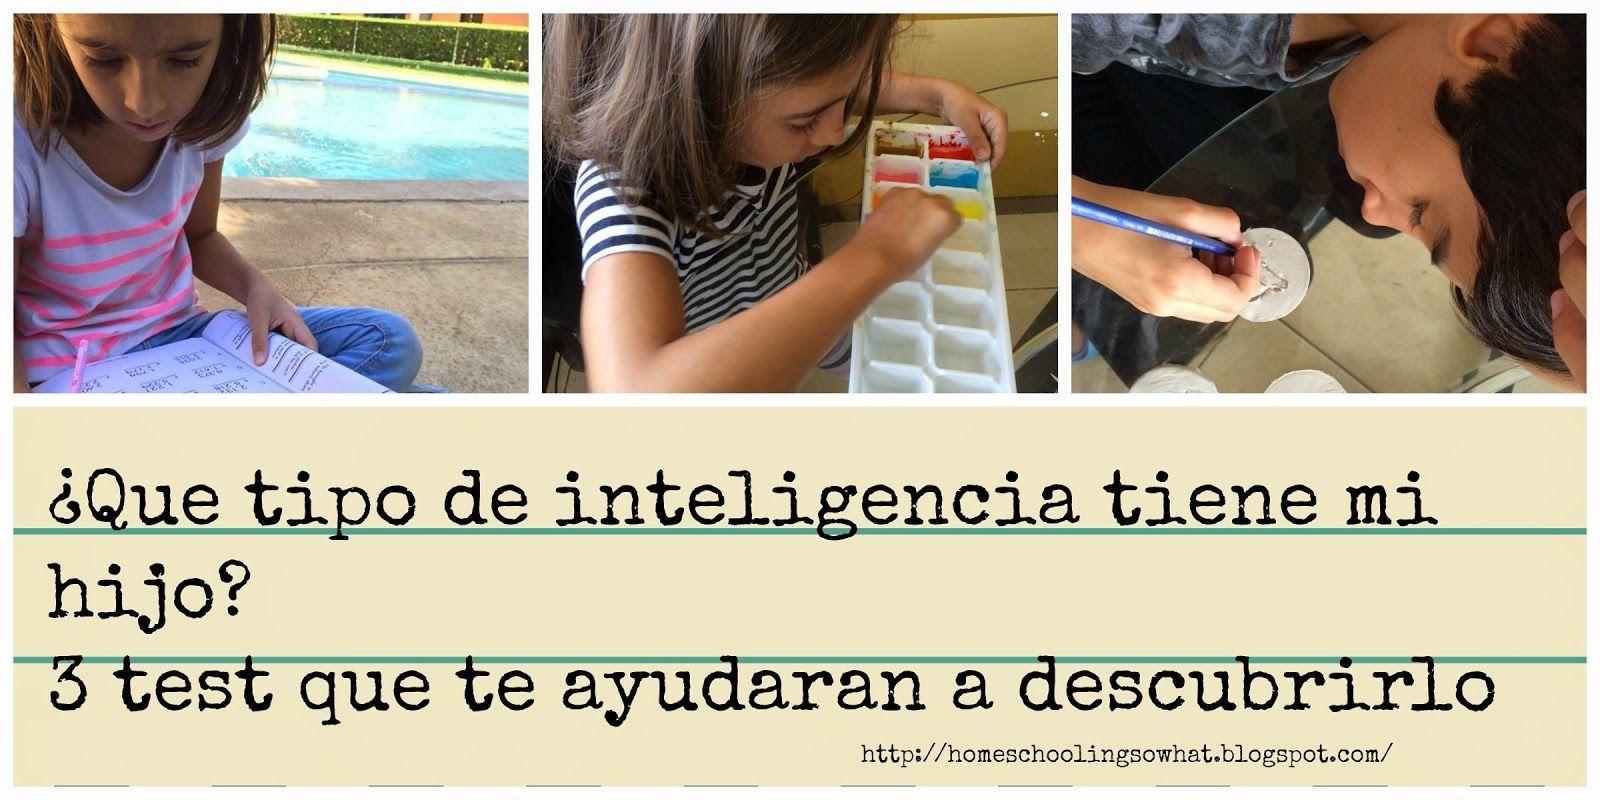 Inteligencias múltiples. 3 test para descubrir que inteligencia tiene tu hijo